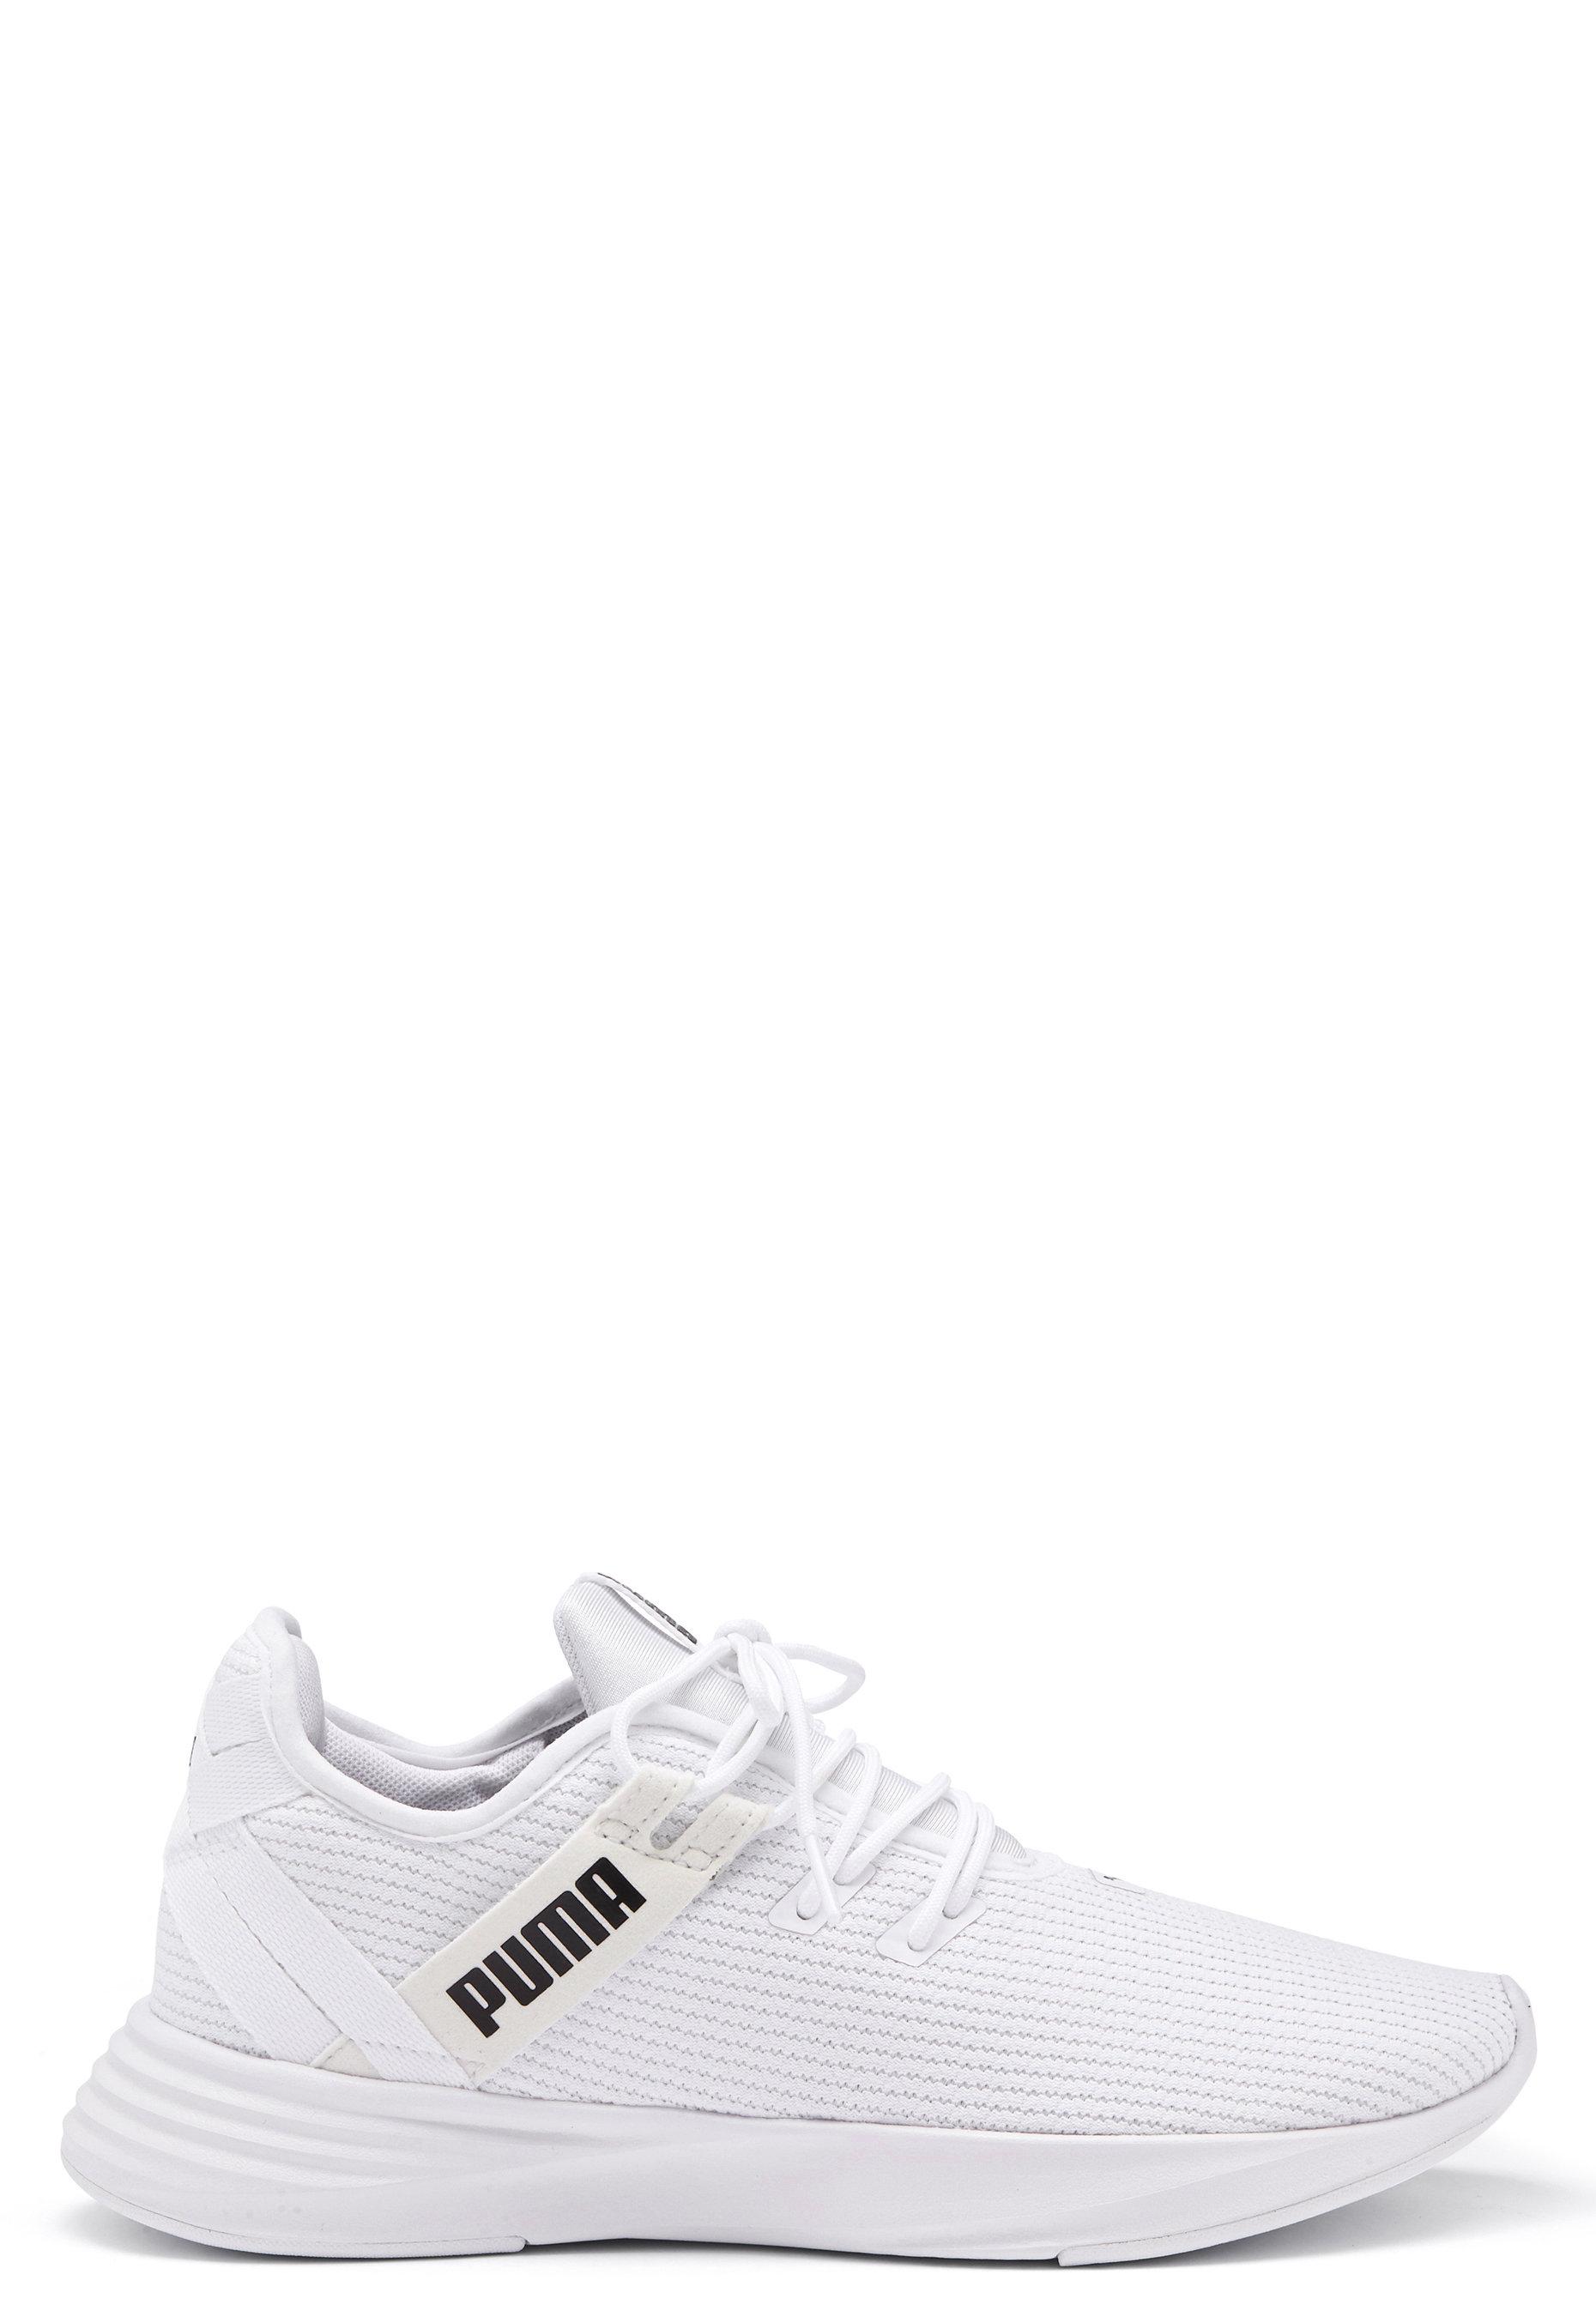 0fc2635bc2f PUMA Radiate XT Sneakers 002 White - Bubbleroom